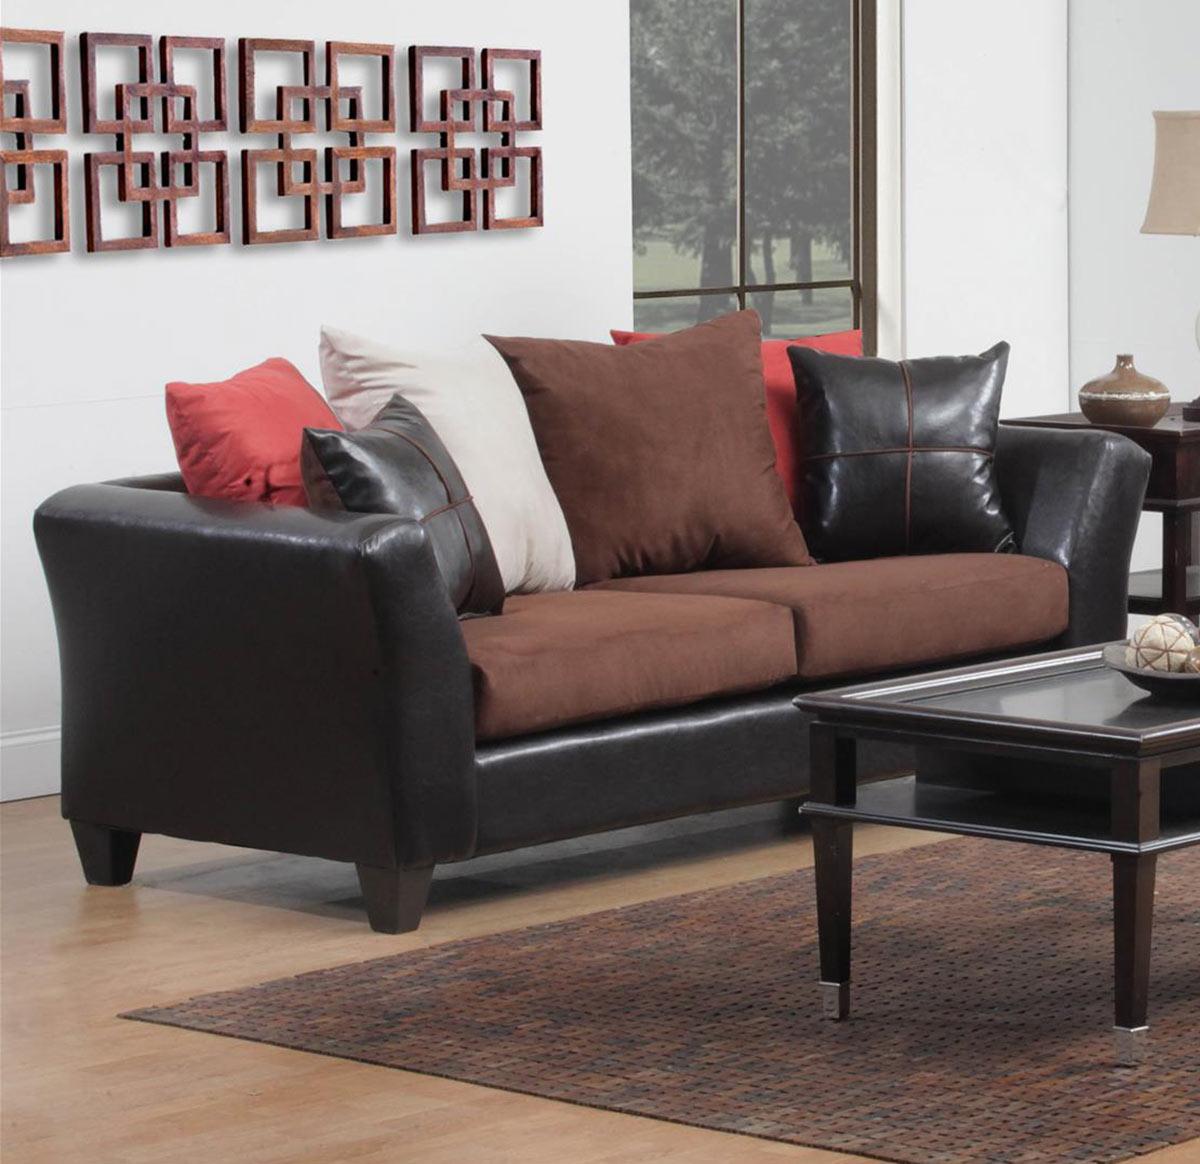 Chelsea Home 424170-07S Cira Sofa - Chocolate